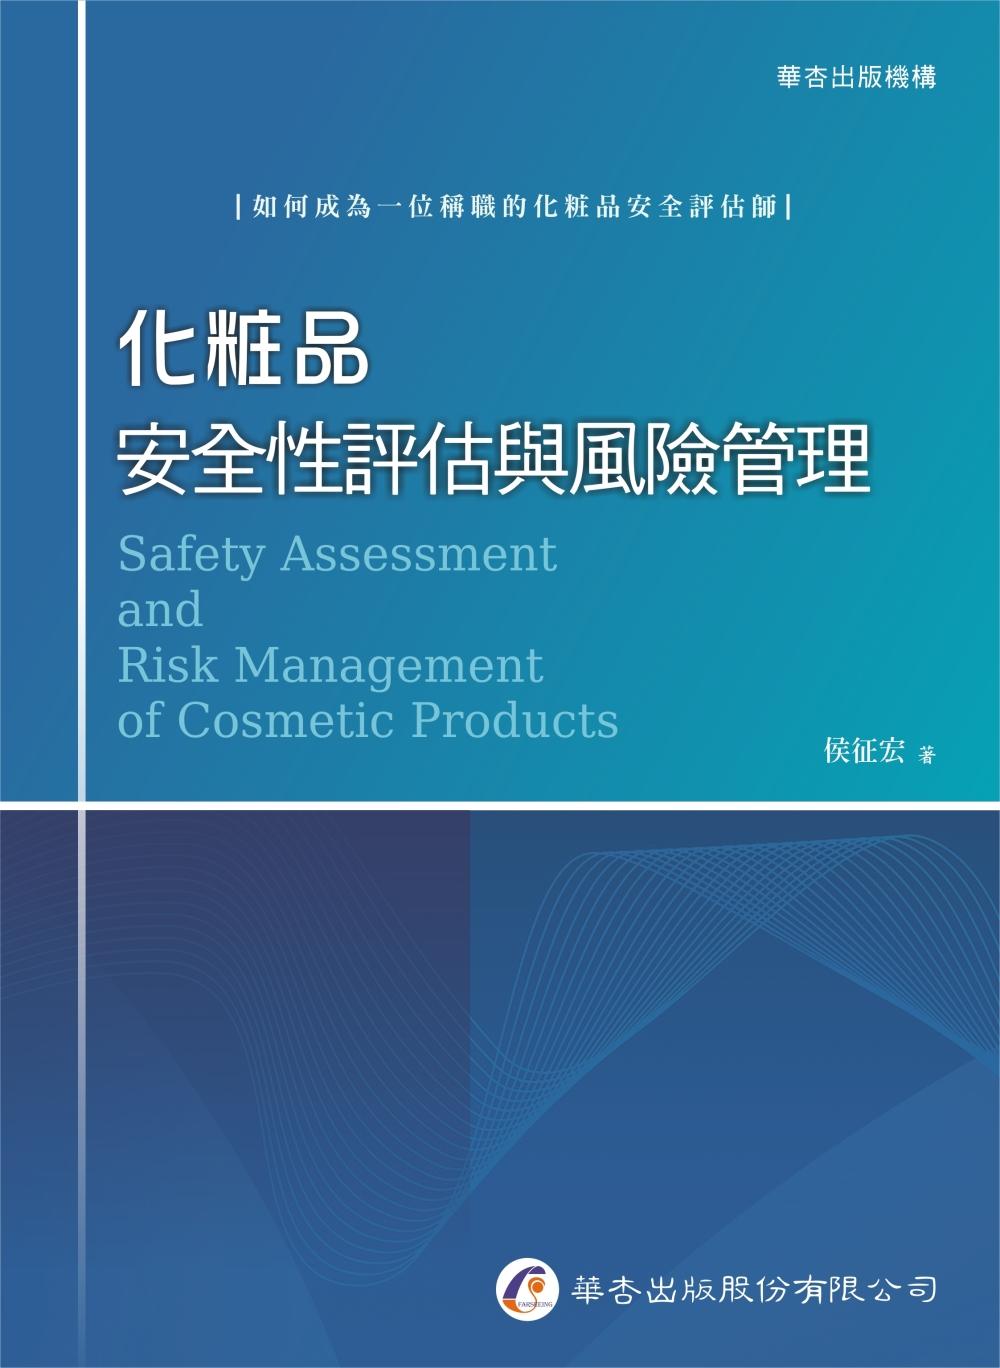 化粧品安全性評估與風險管理